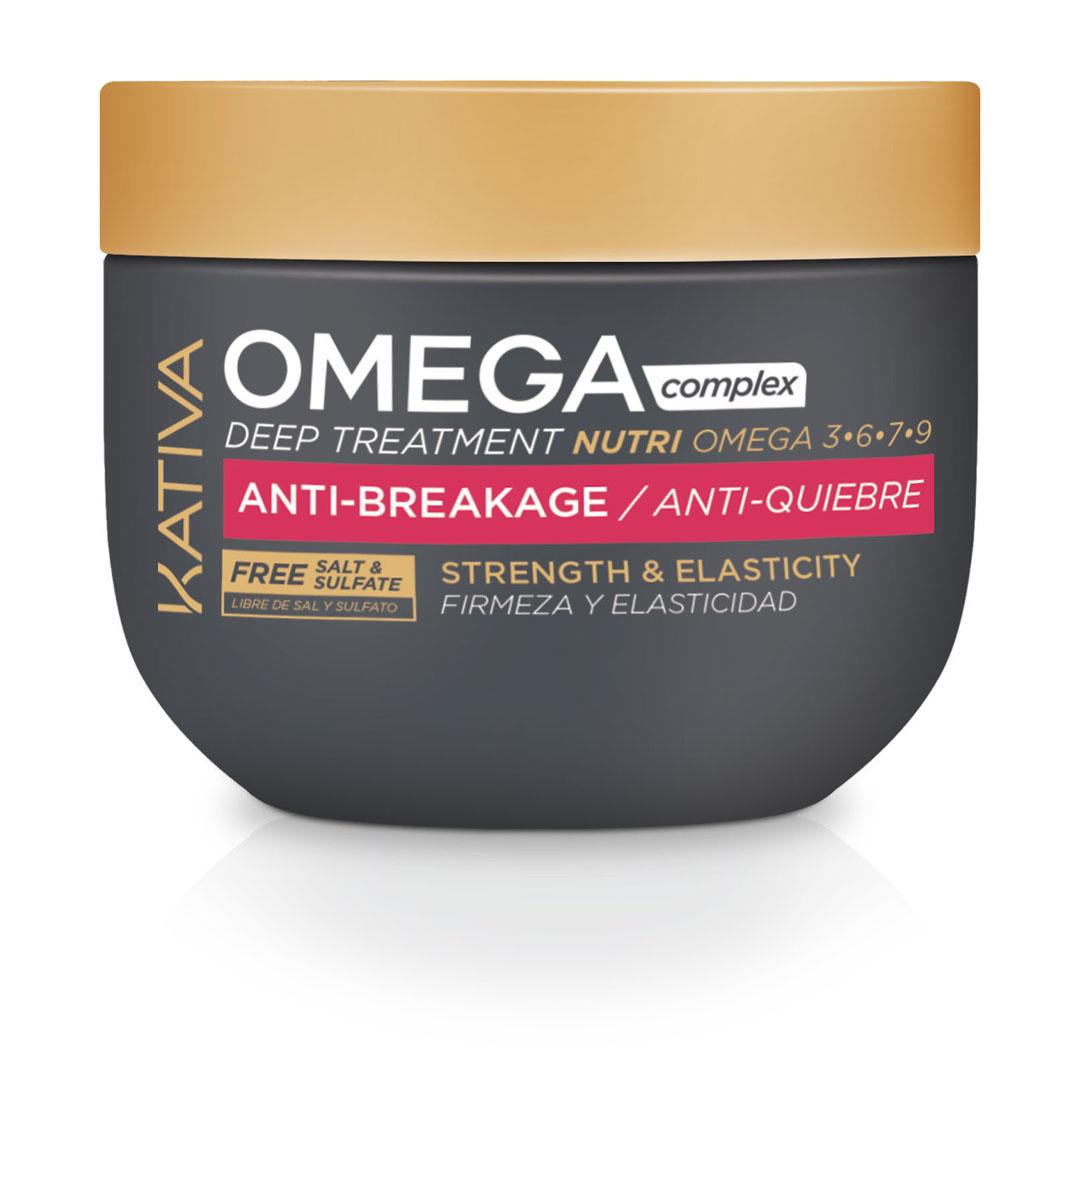 Kativa OMEGA COMPLEX Антистрессовая маска для поврежденных волос 250 мл65503296Питательная маска Kativa для восстановления поврежденных волос содержит комплекс омега-кислот и аминокислоты. Особая формула маски помогает вернуть волосам естественную красоту, блеск и шелковистость.